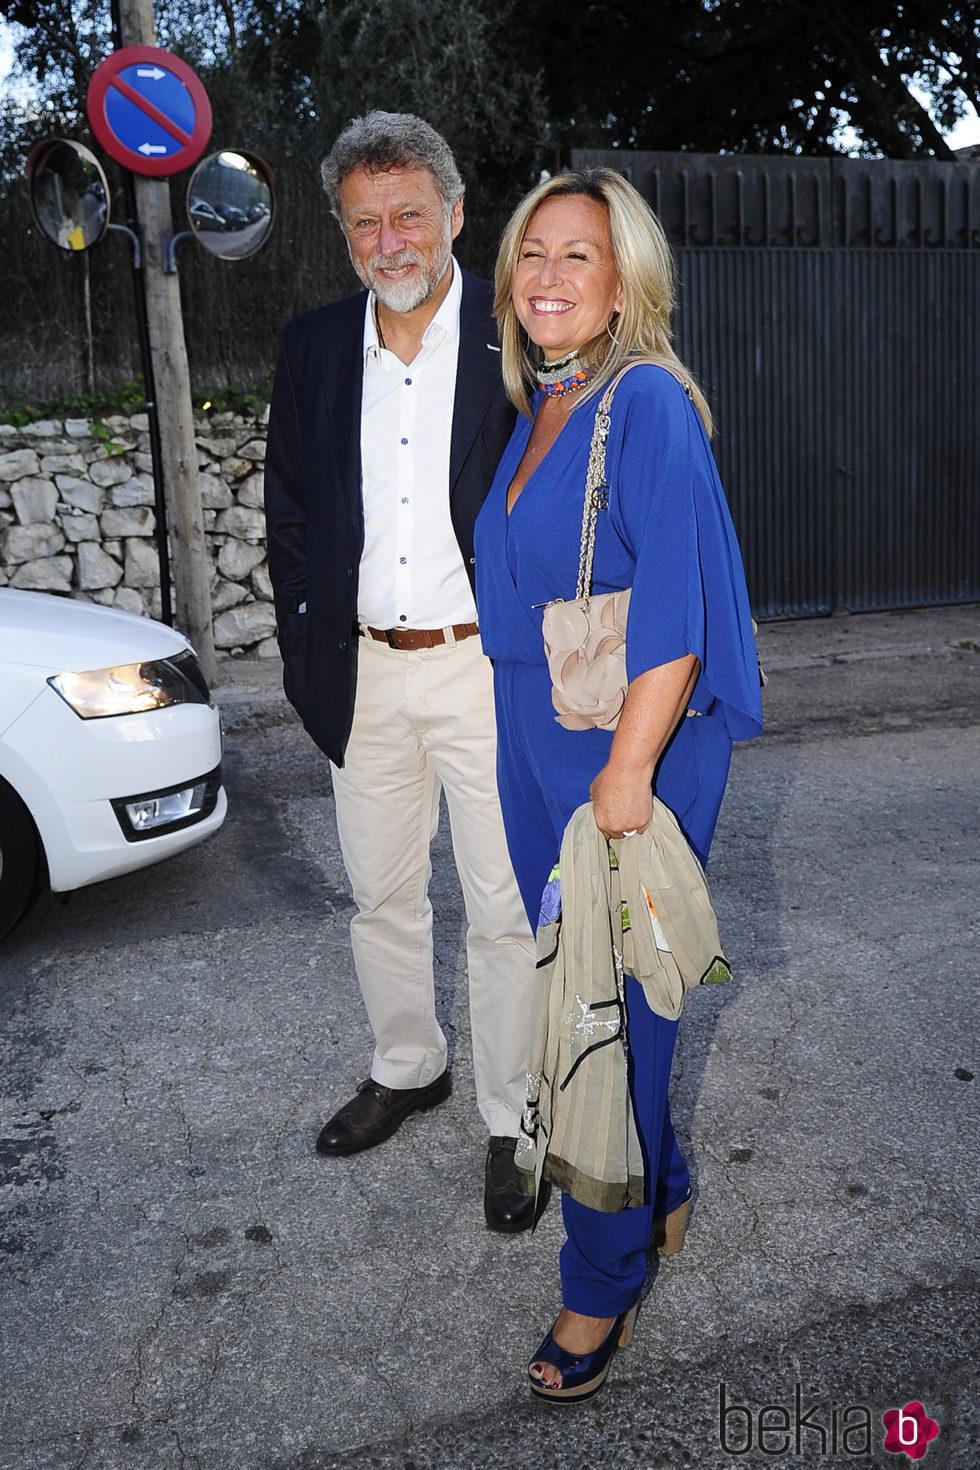 Trinidad Jiménez y Miguel Ángel De la Fuente en la fiesta del 50 cumpleaños de Jesús Vázquez